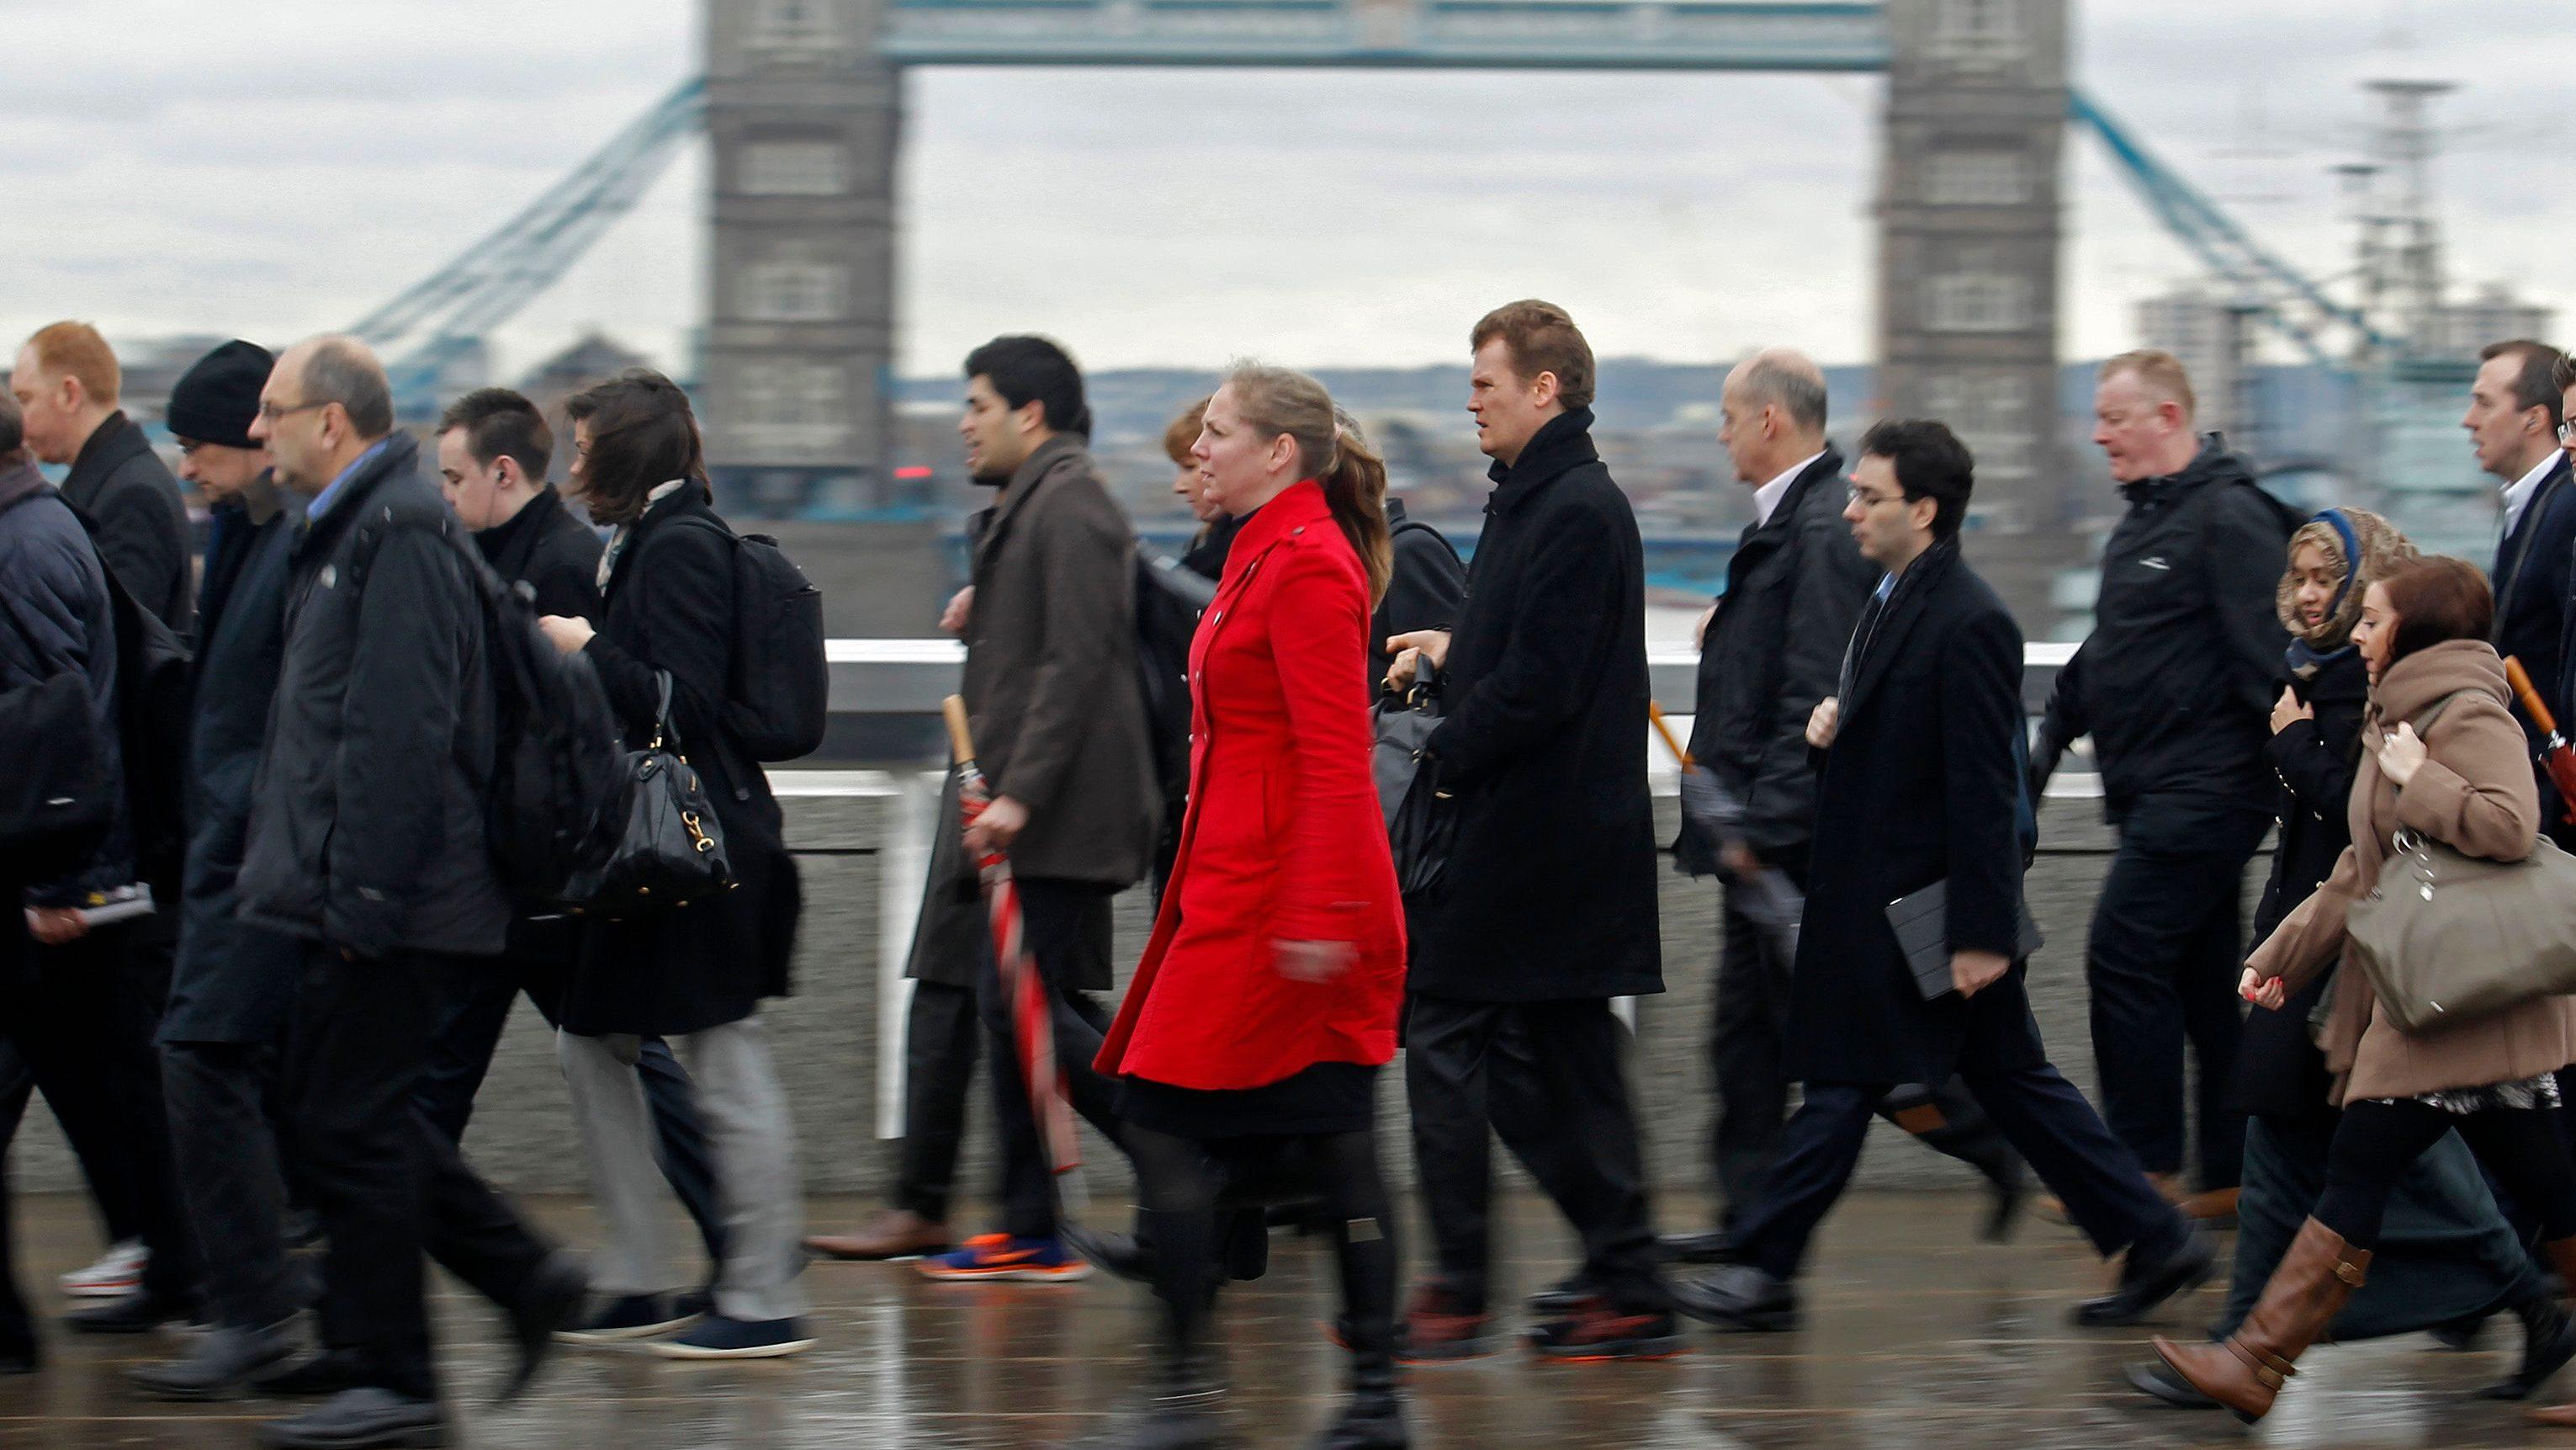 Rush hour workers pass Tower Bridge in London